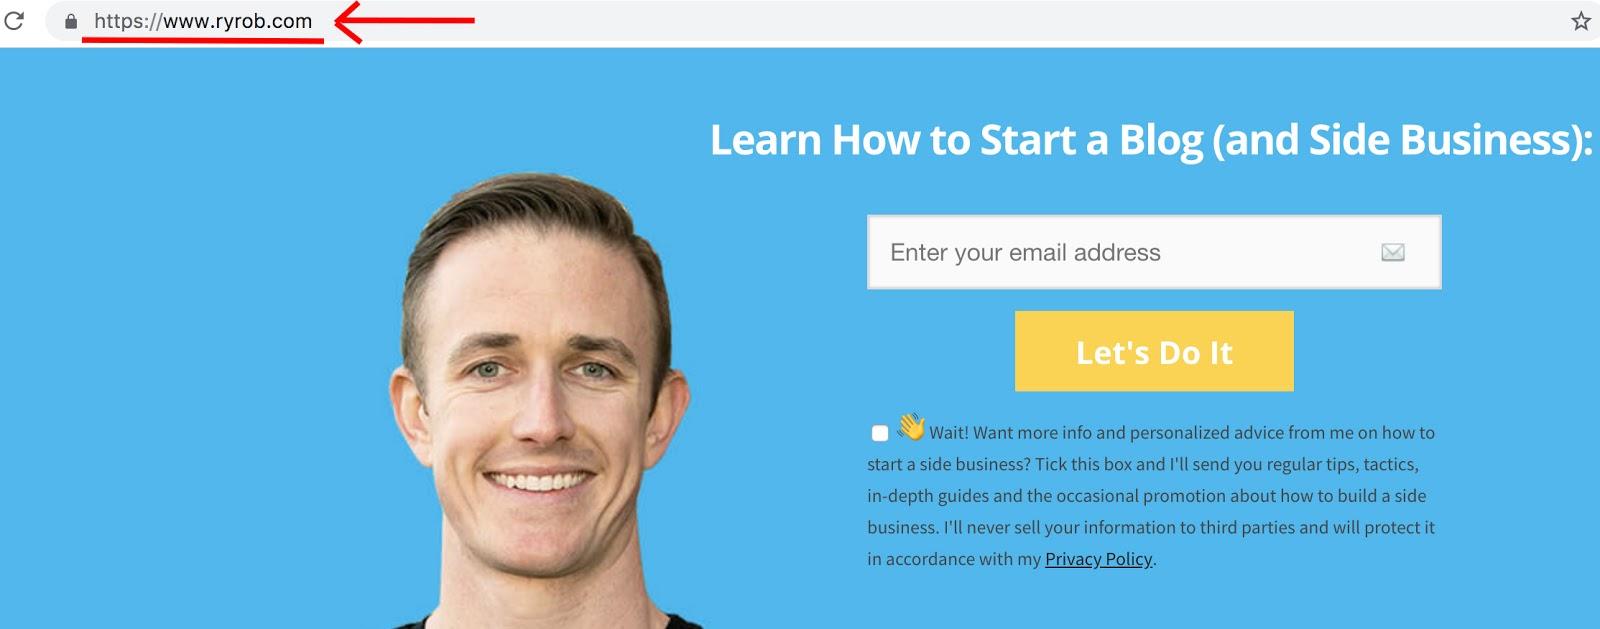 WordPress Powered Blog Ryan Robinson ryrob Captura de pantalla de la página de inicio